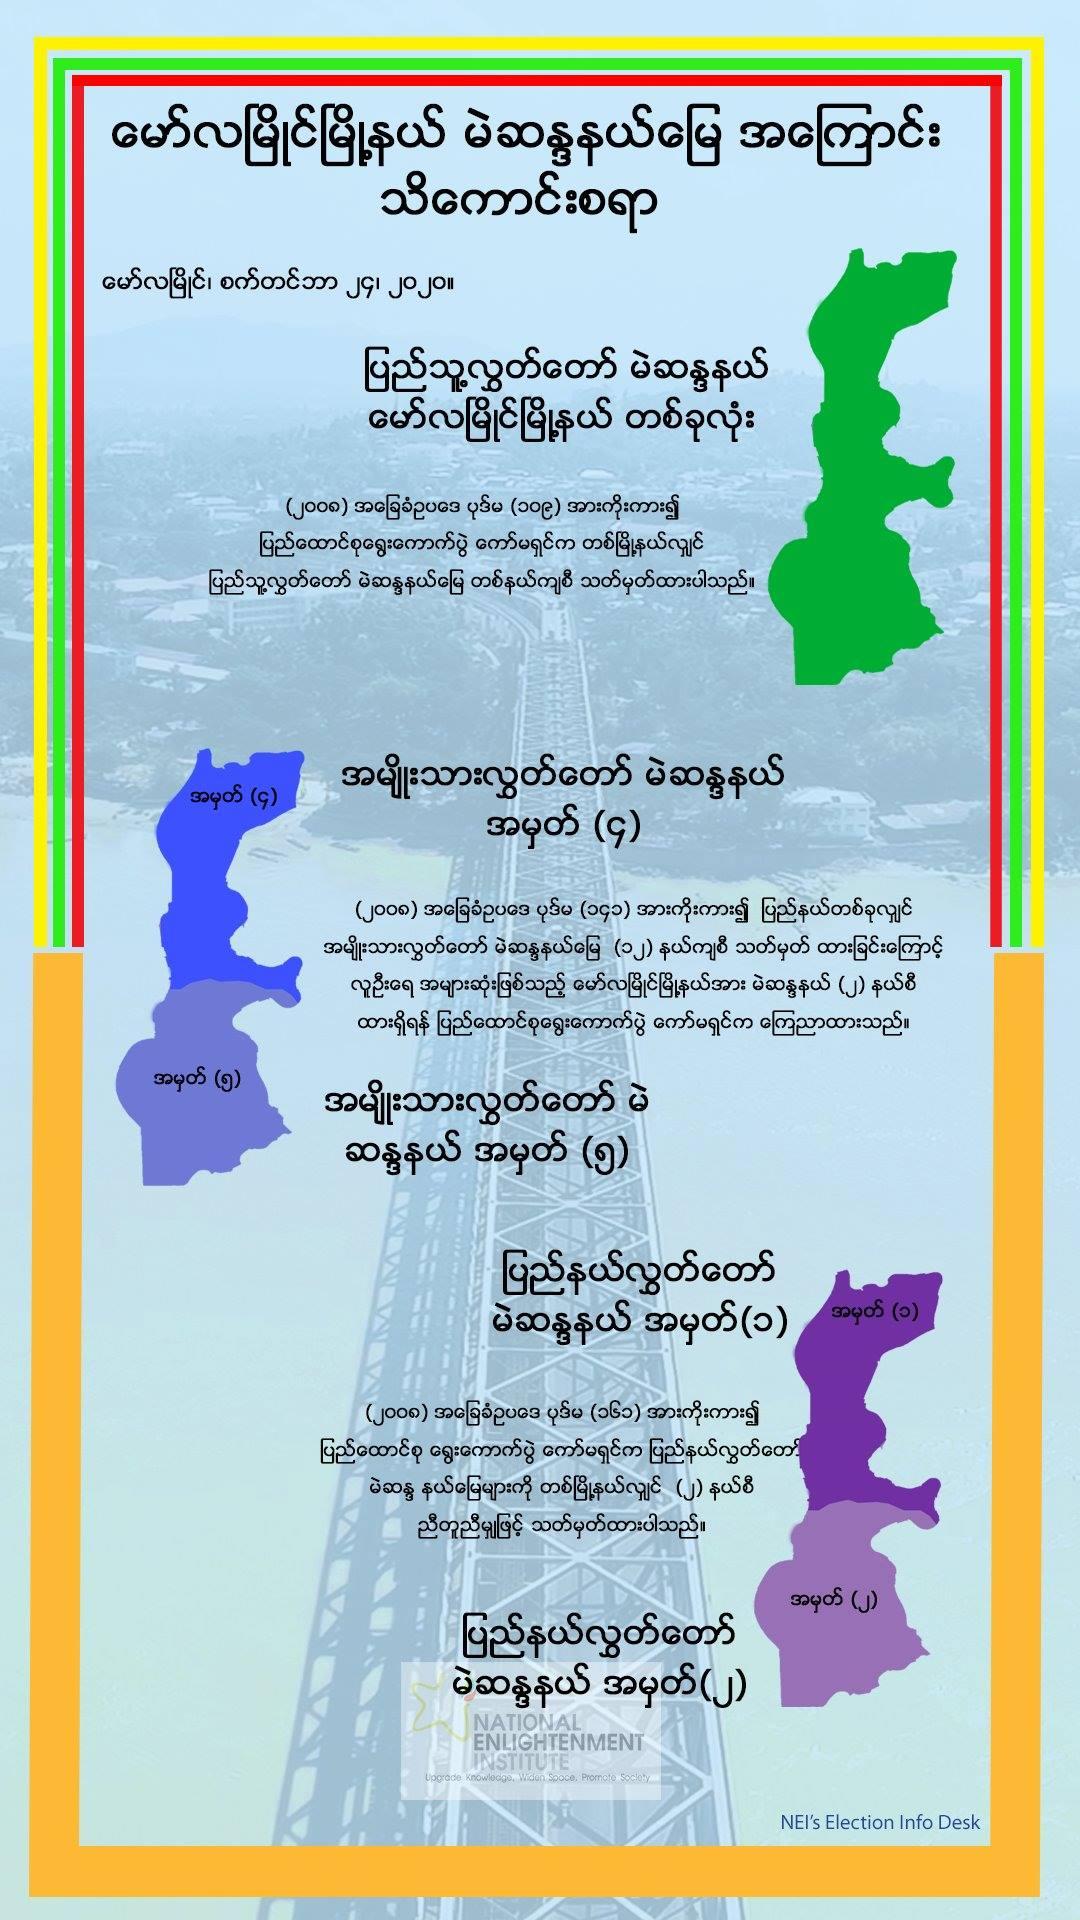 မော်လမြိုင်မြို့နယ်ရဲ့ မဲဆန္ဒနယ်မြေ သတ်မှတ်ချက်တွေ